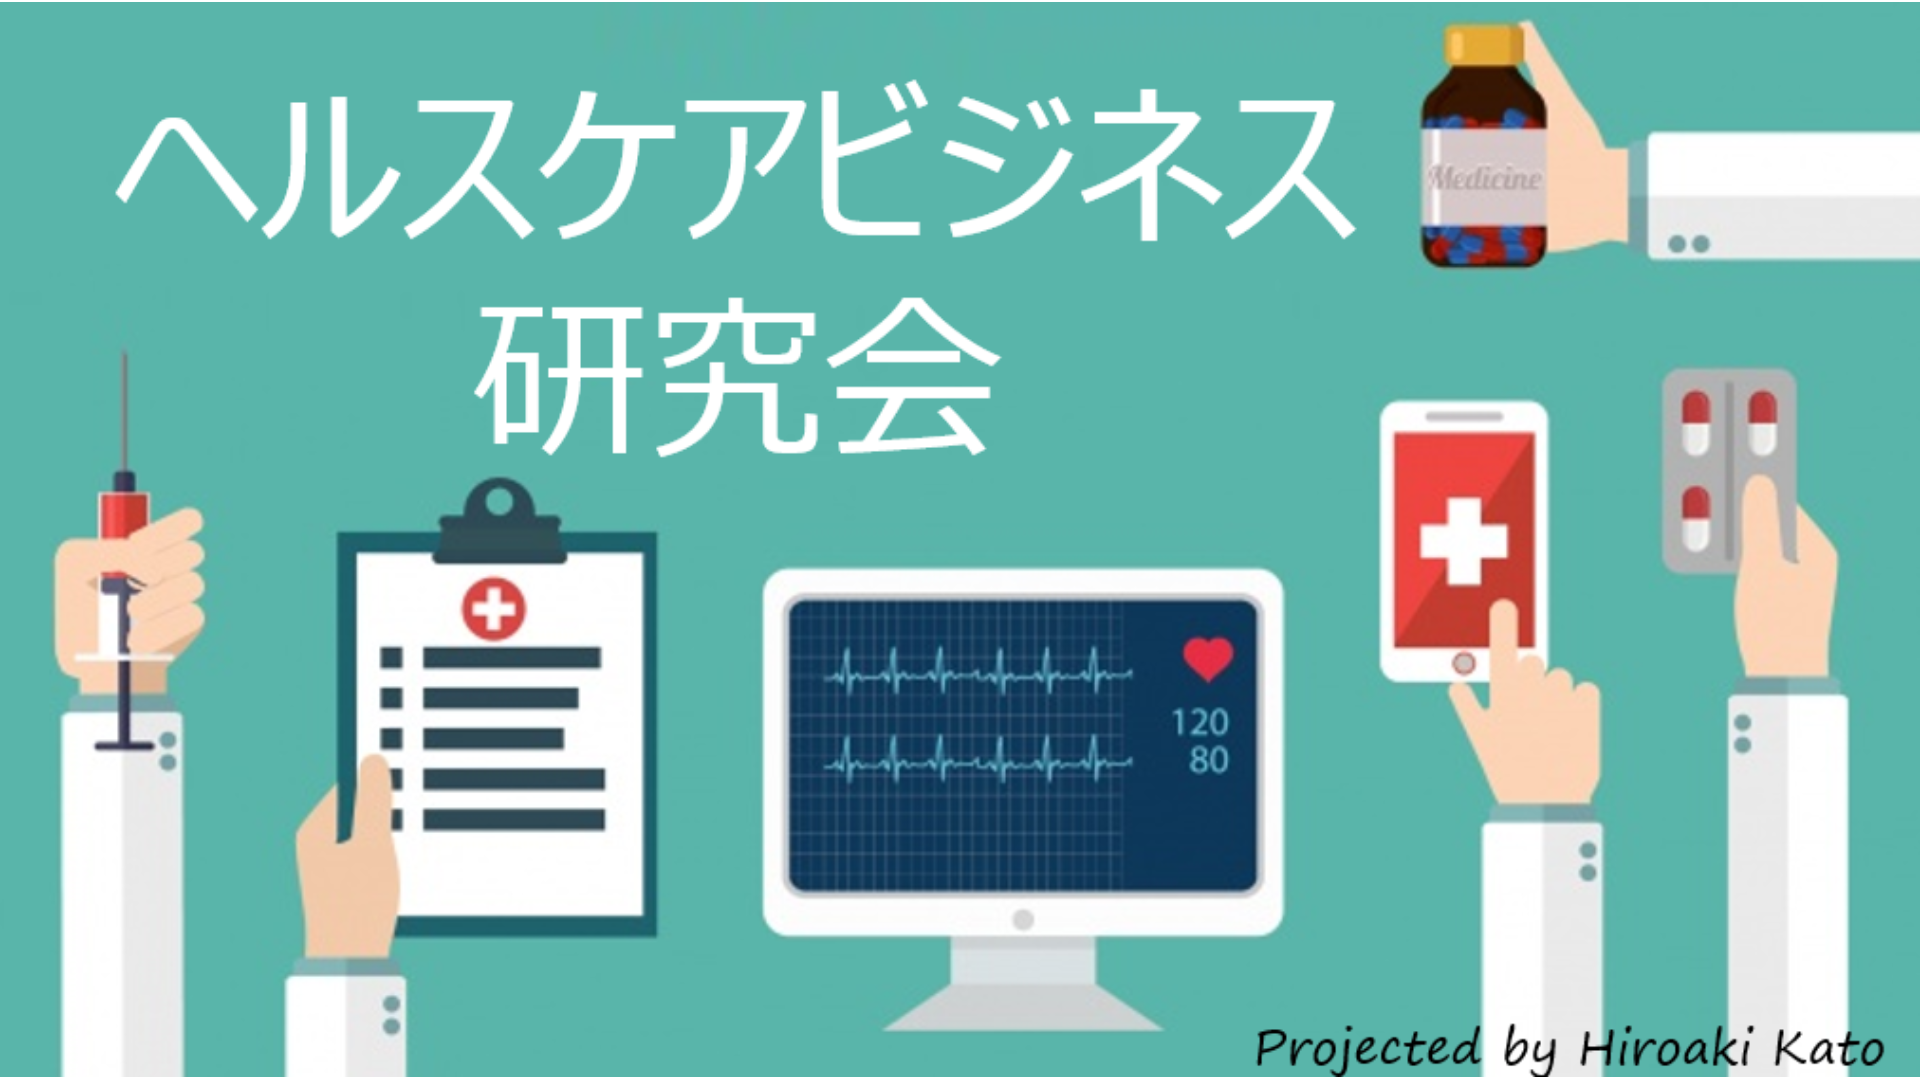 加藤浩晃(かとうひろあき) - ヘルスケアビジネス研究会(予防・健康増進、医療、介護) - DMM オンラインサロン